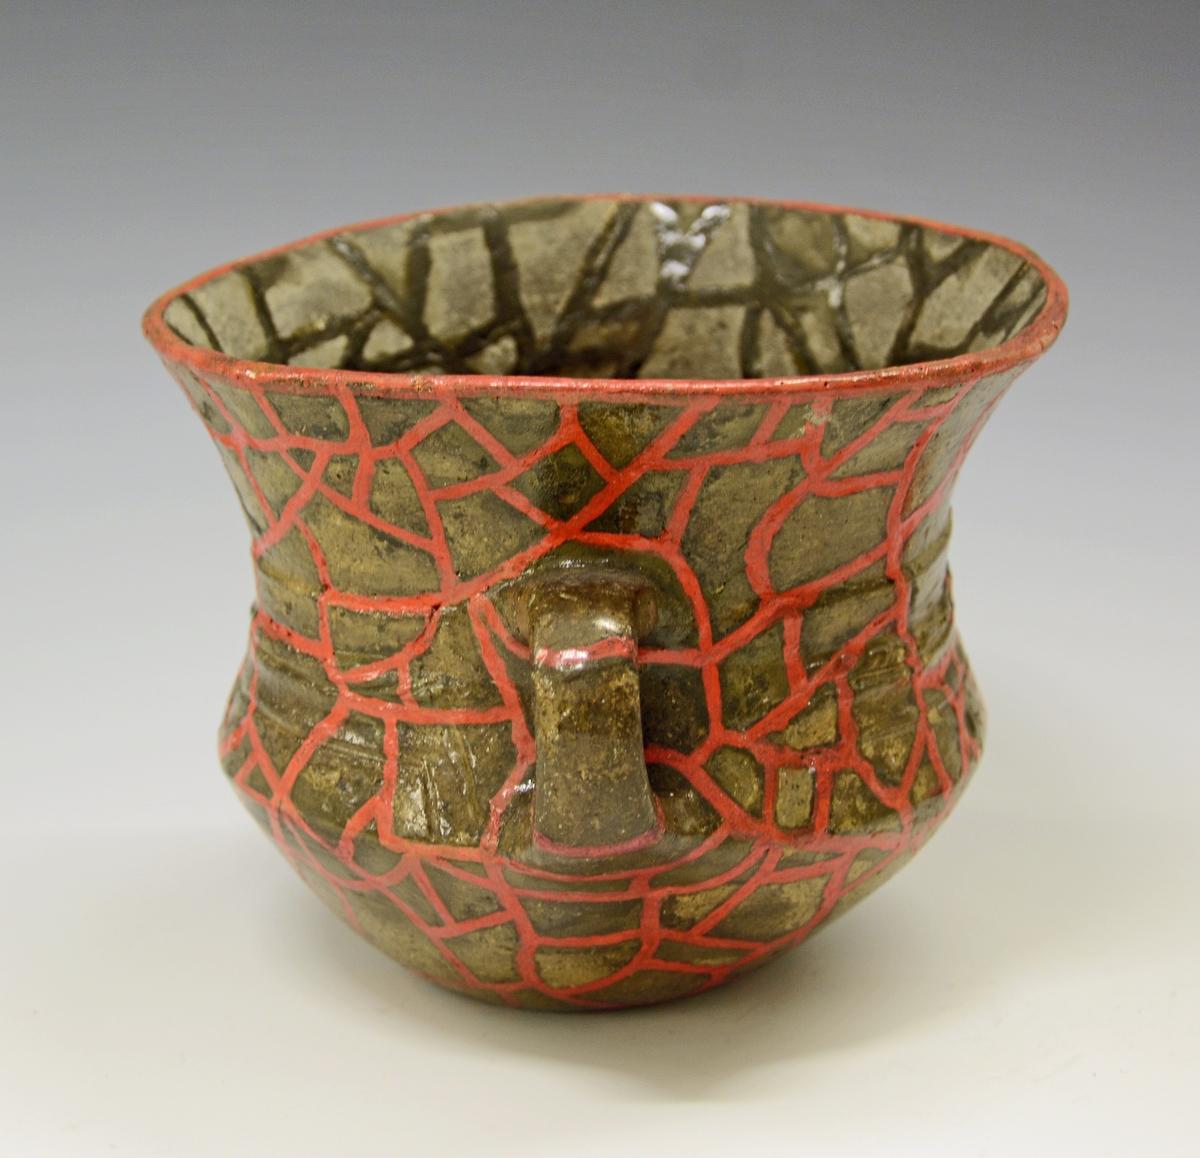 Sterkt restaurert leirkar, med hank på siden, av form som Bøe: Jernalderens keramikk, fig. 73 (se også fig. 113), med lavbuket nederdel, høy, jevnt svinget skulder og hals, således at randen er svinget ut til større bredde enn buken. Hanken er rund, uornert. I halssvekket løper en dyp hulkile, litt nedenfor den er en skråriflet ribbe. det smale nedre felt av skulderen er dekorert med avbrutte hulkiler av form som langstrakte trapeser, uten nedre linje, denne dannes av bukovergangen. Inni hver av disse felter er det to små fordypninger. Godset er ganske tynt, som det synes jevnt glattet, fargen er mørk, men den sterke restaurering som karet har vært utsatt for, kan ha forårsaket mye. Ingen funnopplysninger Datering: overgangen romertid-folkevandringstid, sannsynligvis begynnelsen av 5. årh.